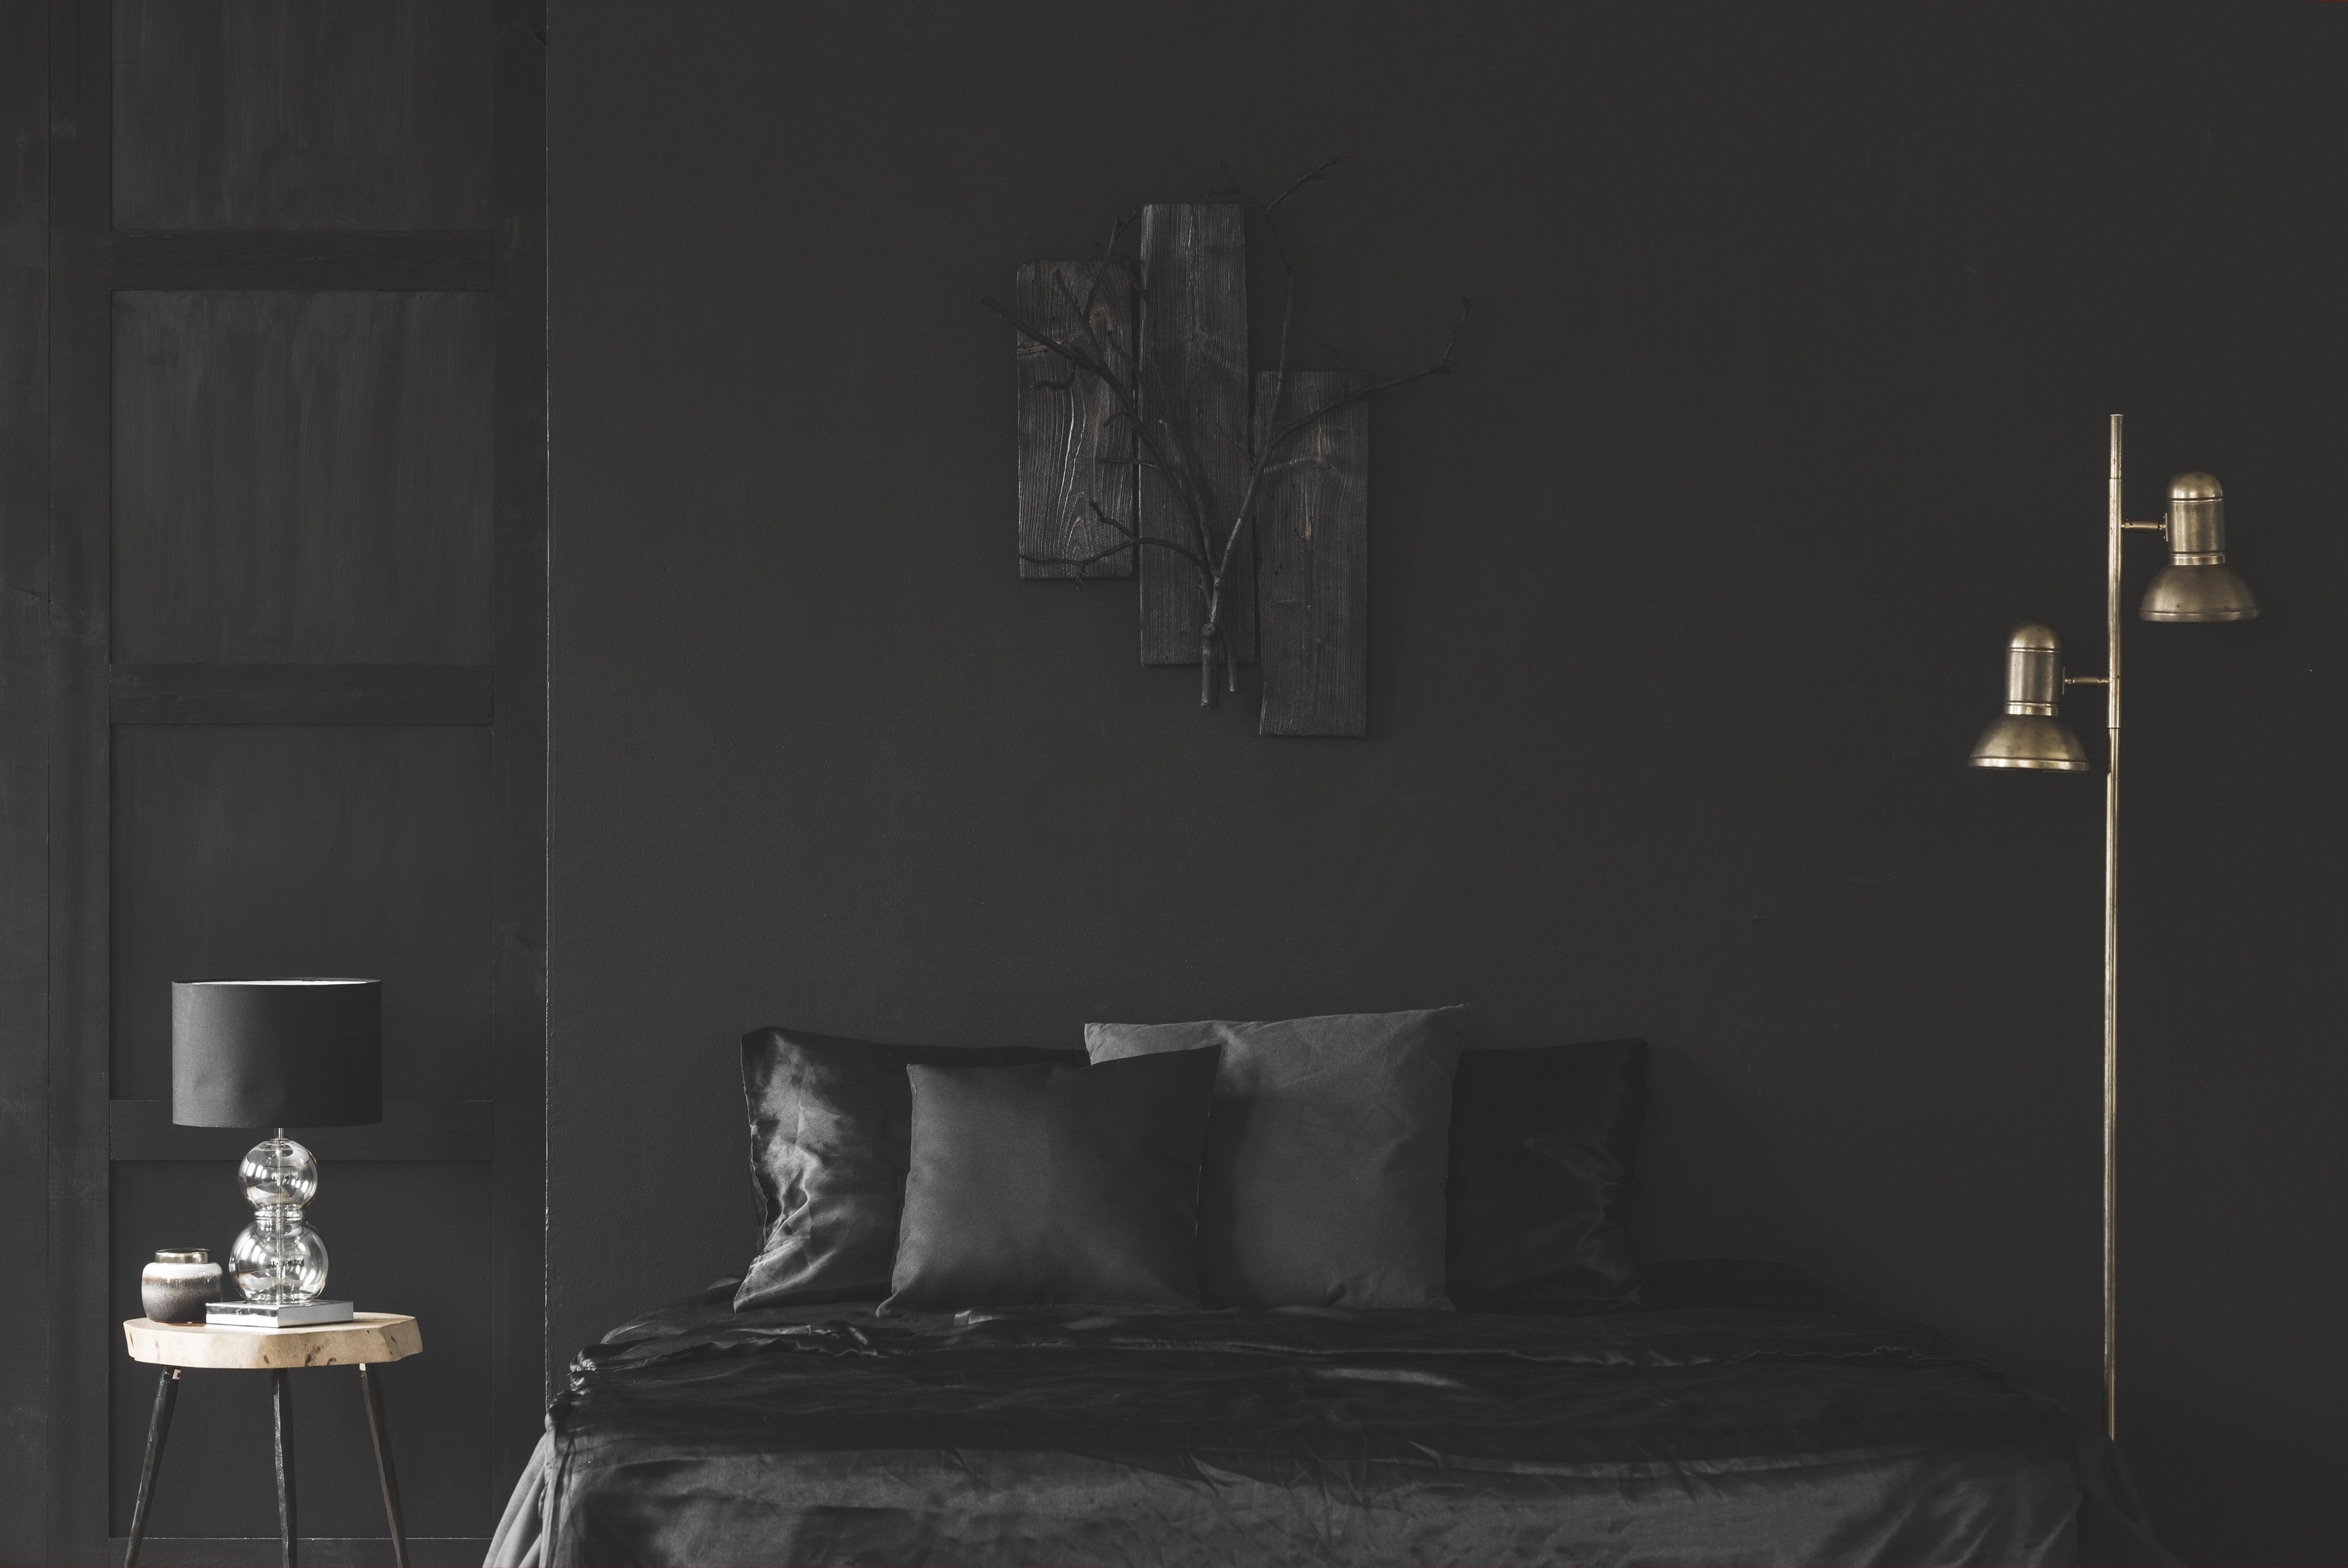 <p><strong>Черно.&nbsp;</strong>Освен че затъмнява помещението, черният цвят създава илюзията, че помещението е по-малко от действителните си размери. И въпреки че тъмнината може да ви помогне да заспите по-бързо, това ще затрудни сутрешното ви събуждане. Освен това на психологическо ниво тъмнината потиска човешката енергия.</p>